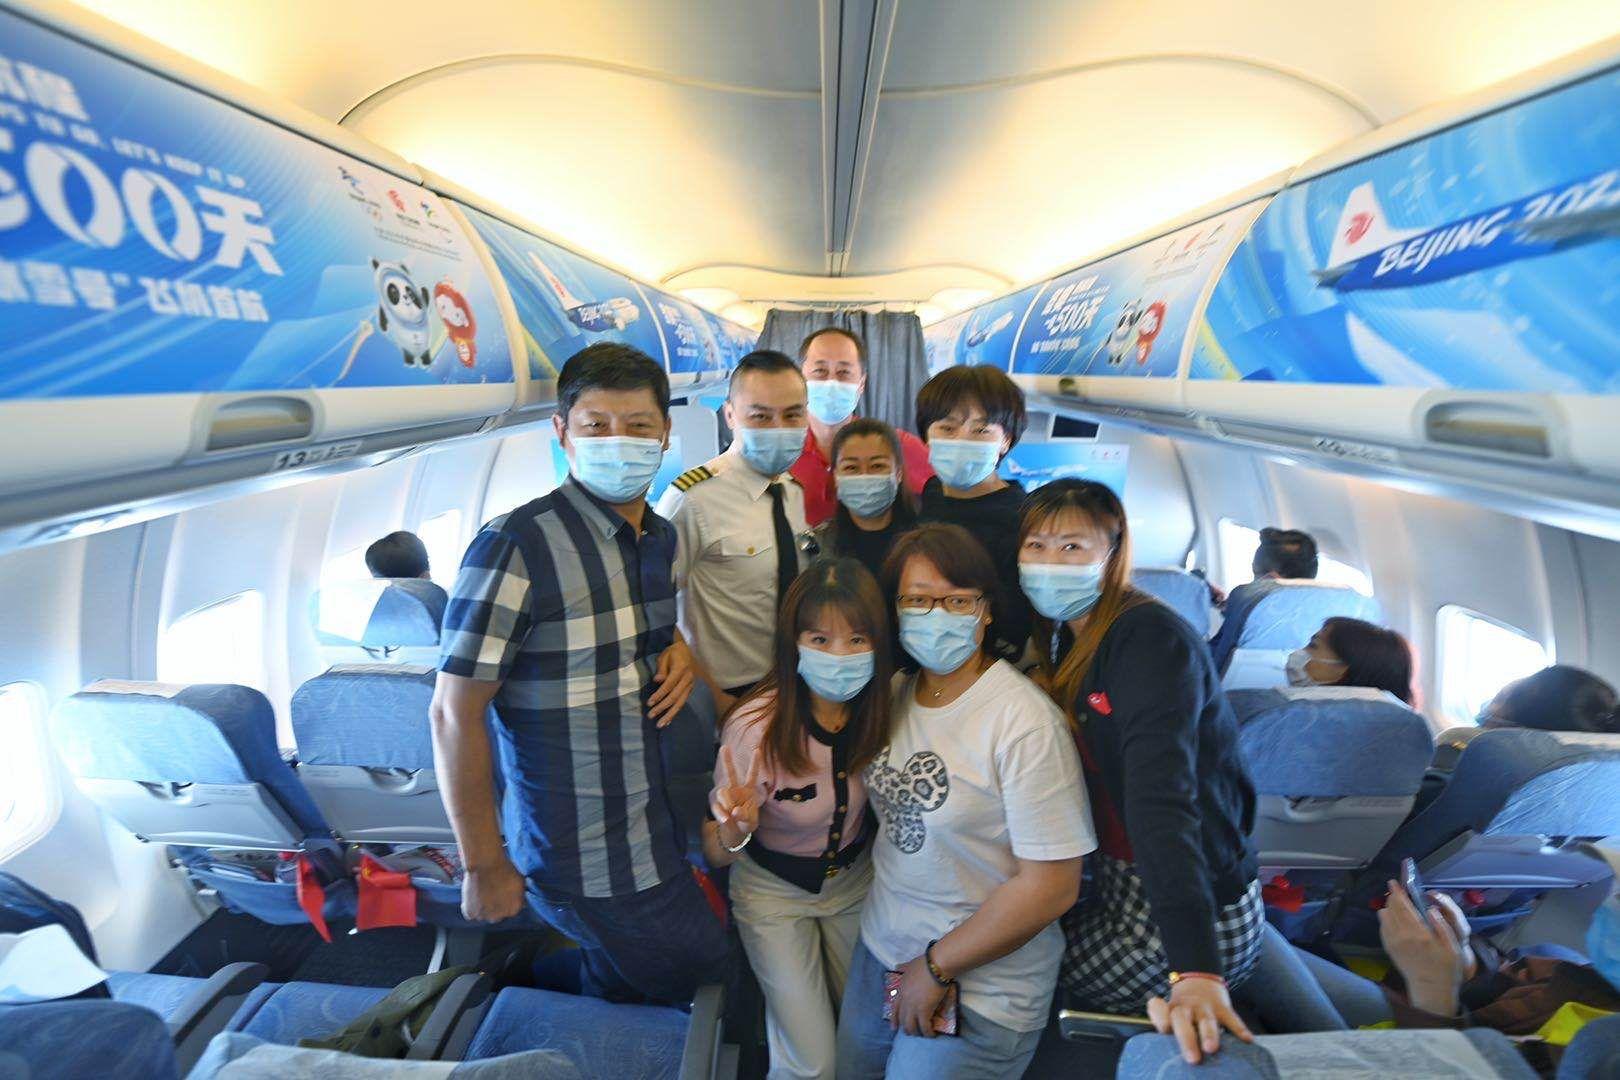 航班上举行了特殊的欢迎活动,旅客们与机组人员合影。新京报记者 陶冉 摄